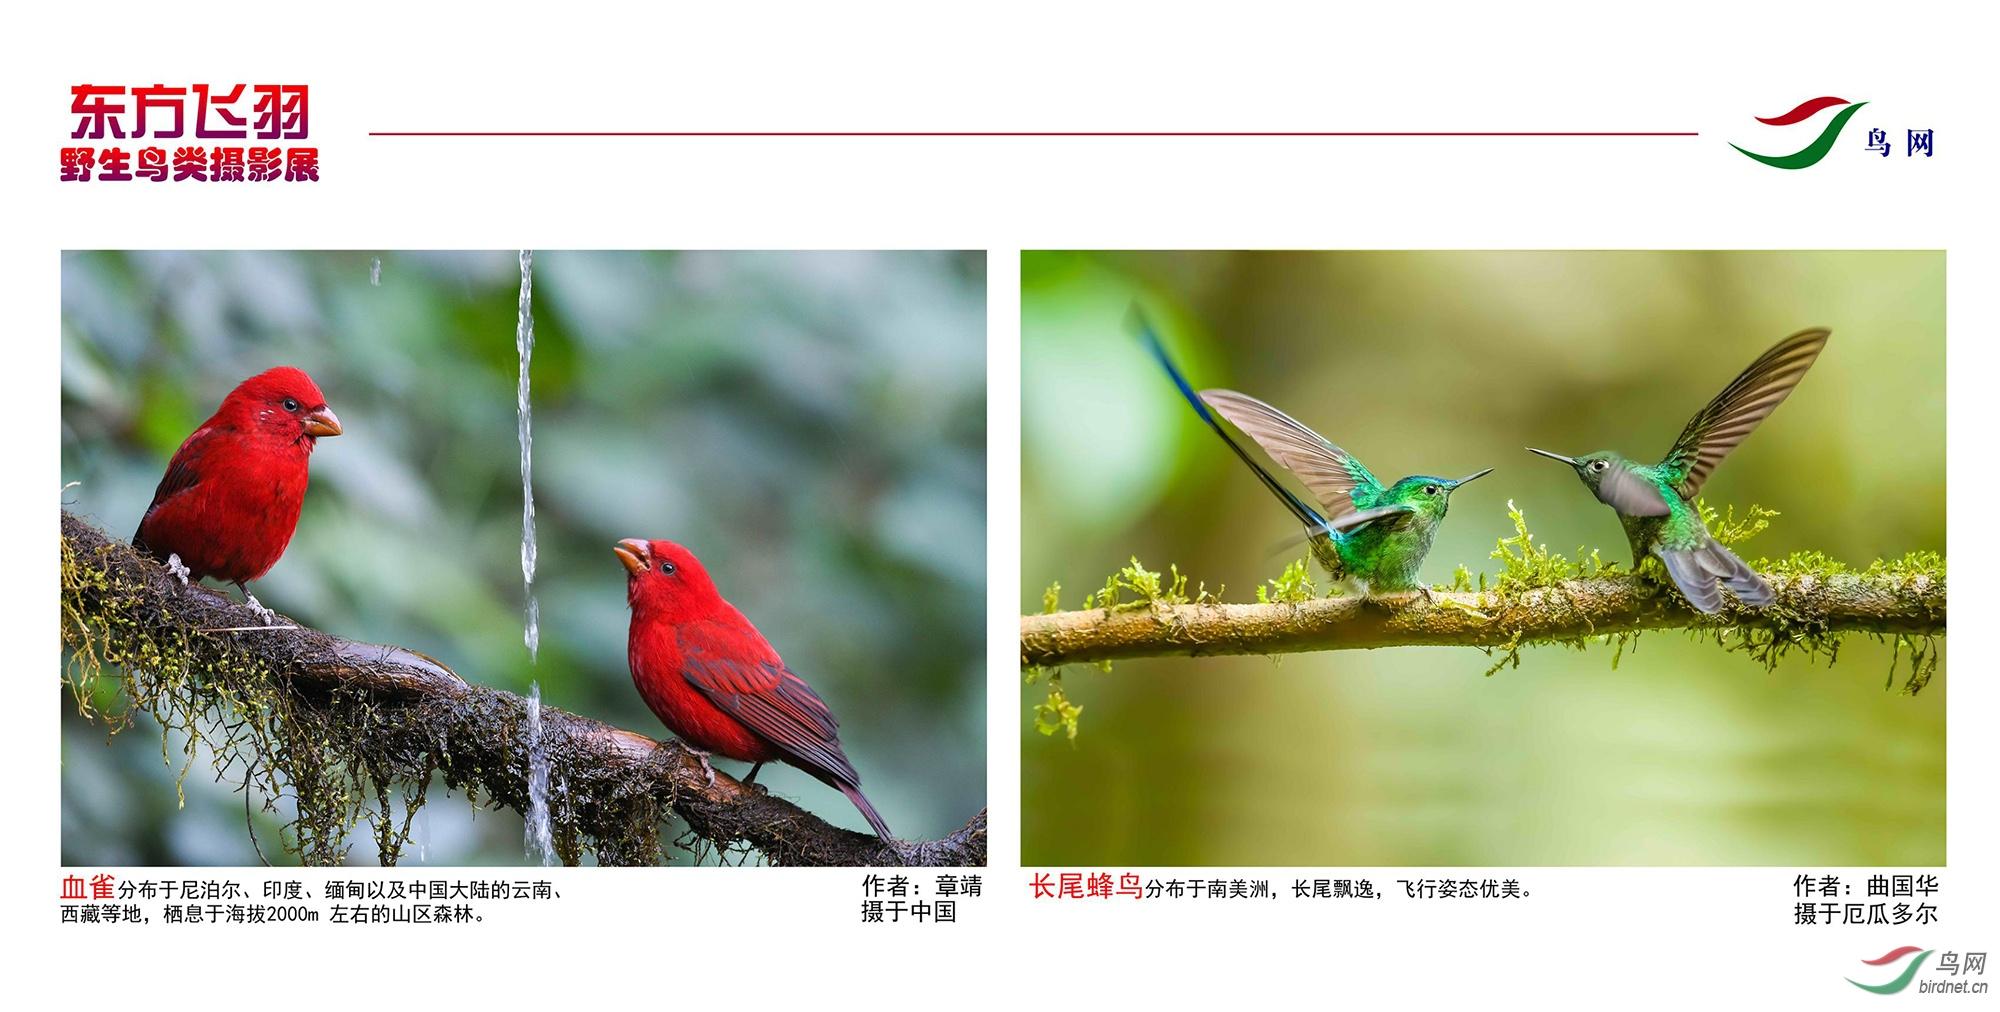 1_东方明珠摄影展照片_09.jpg